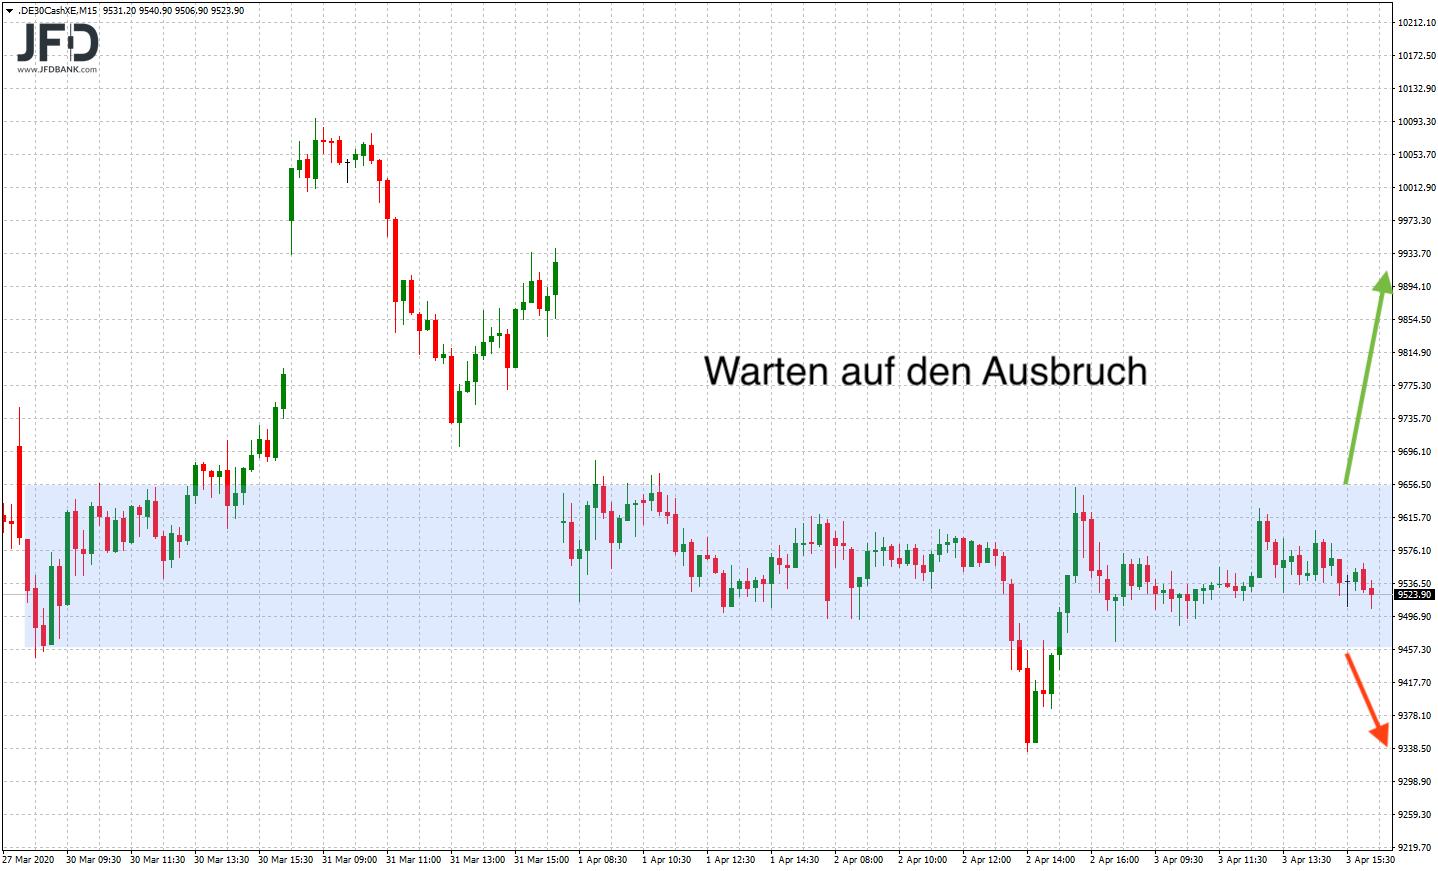 Positiver-Wochenstart-verlässt-unser-DAX-die-Range-der-Vorwoche-Kommentar-JFD-Bank-GodmodeTrader.de-6